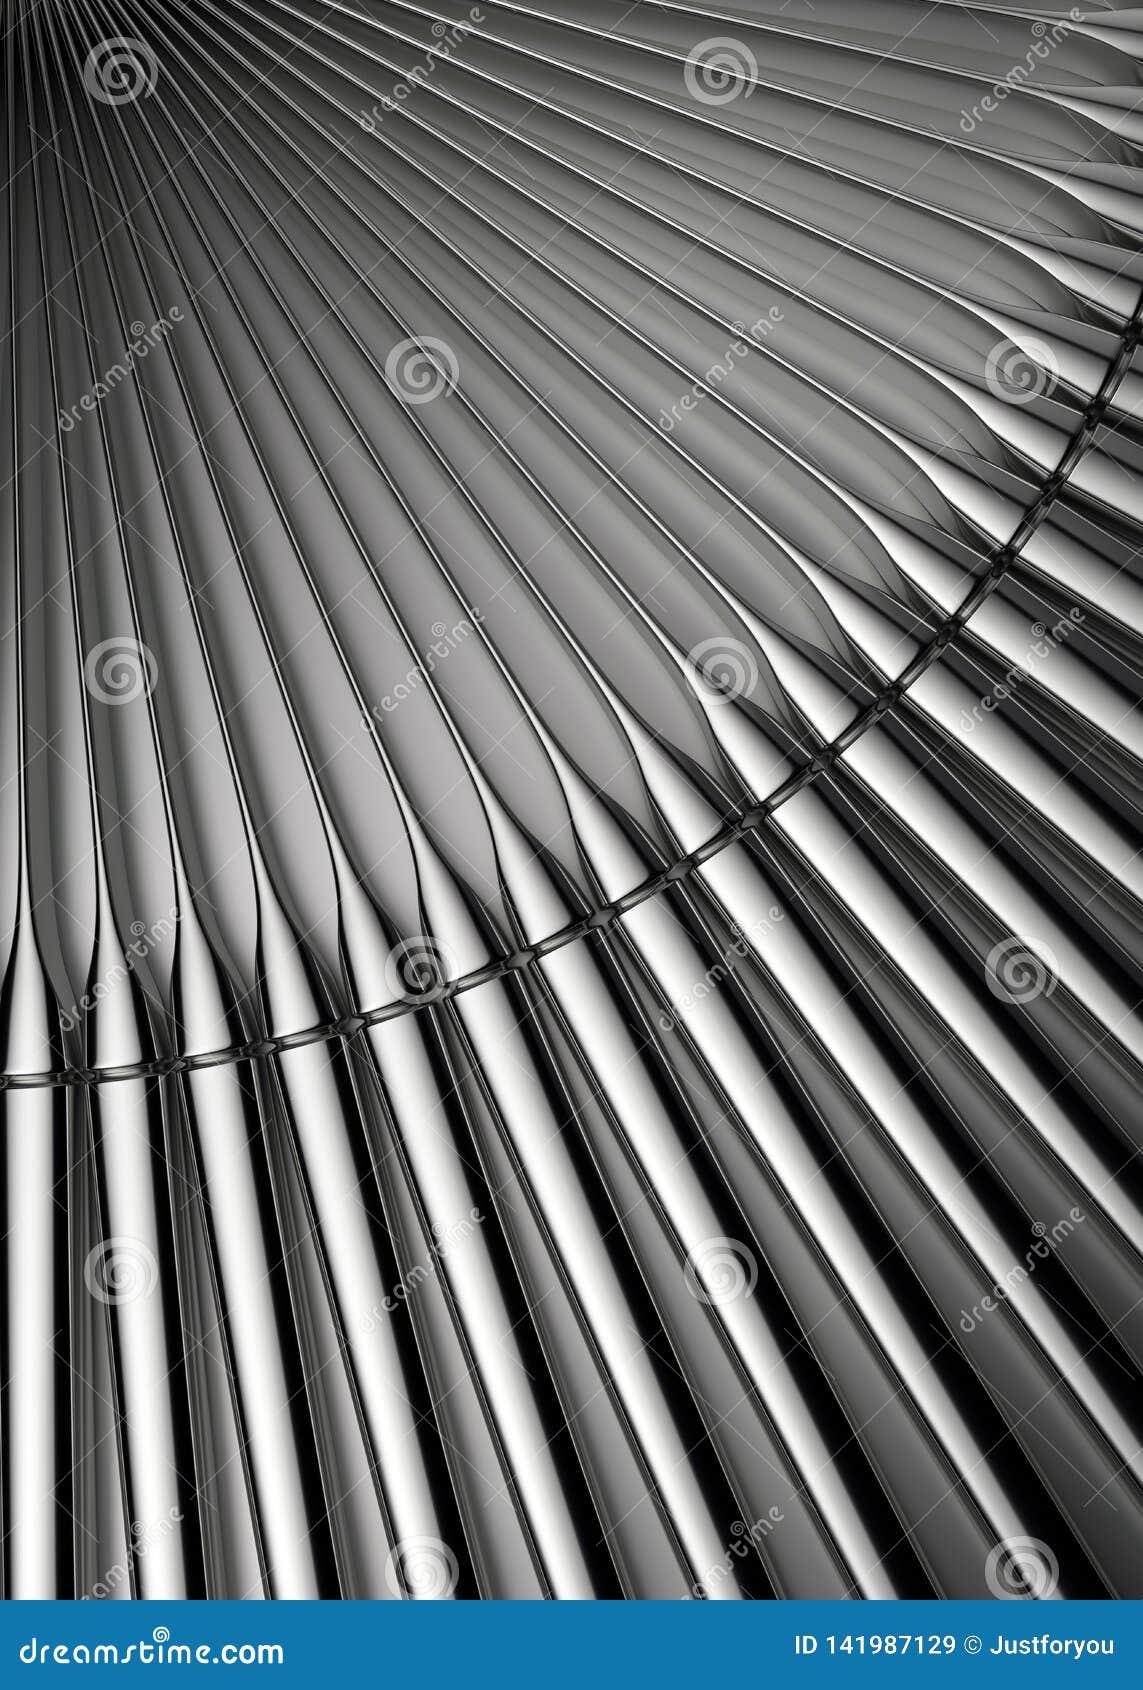 Metalowe abstrakcyjne tło